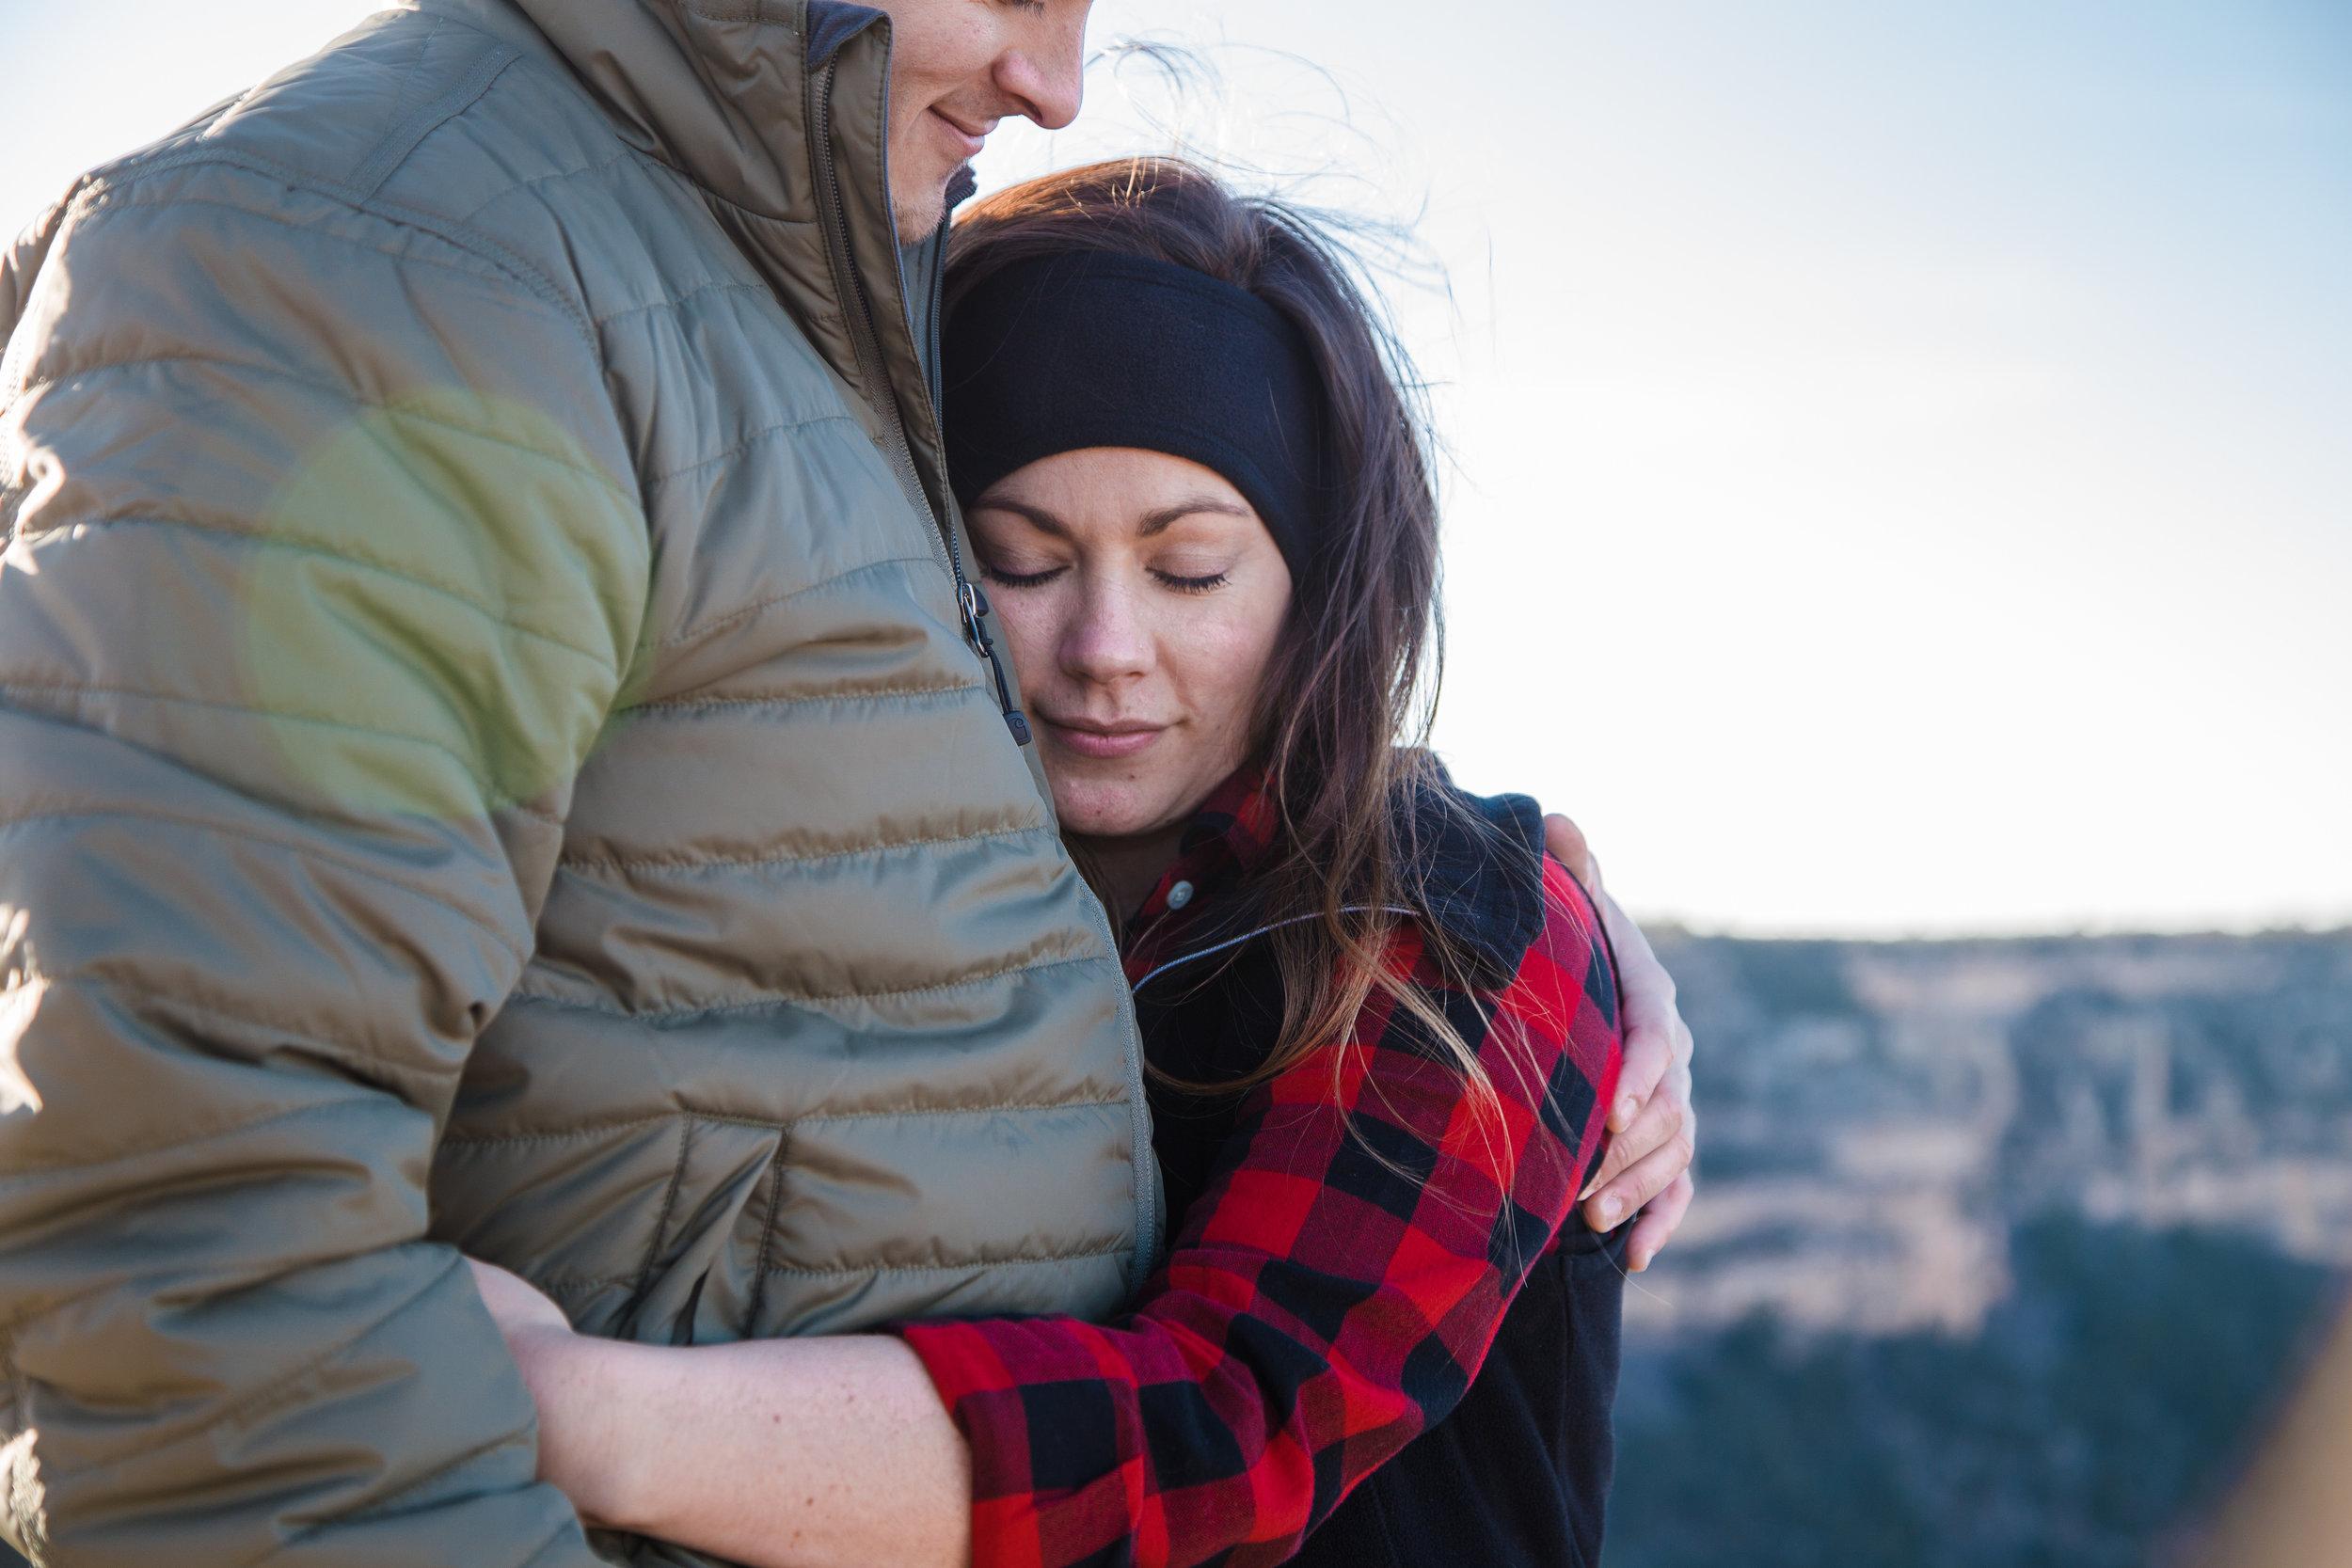 Shoshone Point surprise engagement photo session.